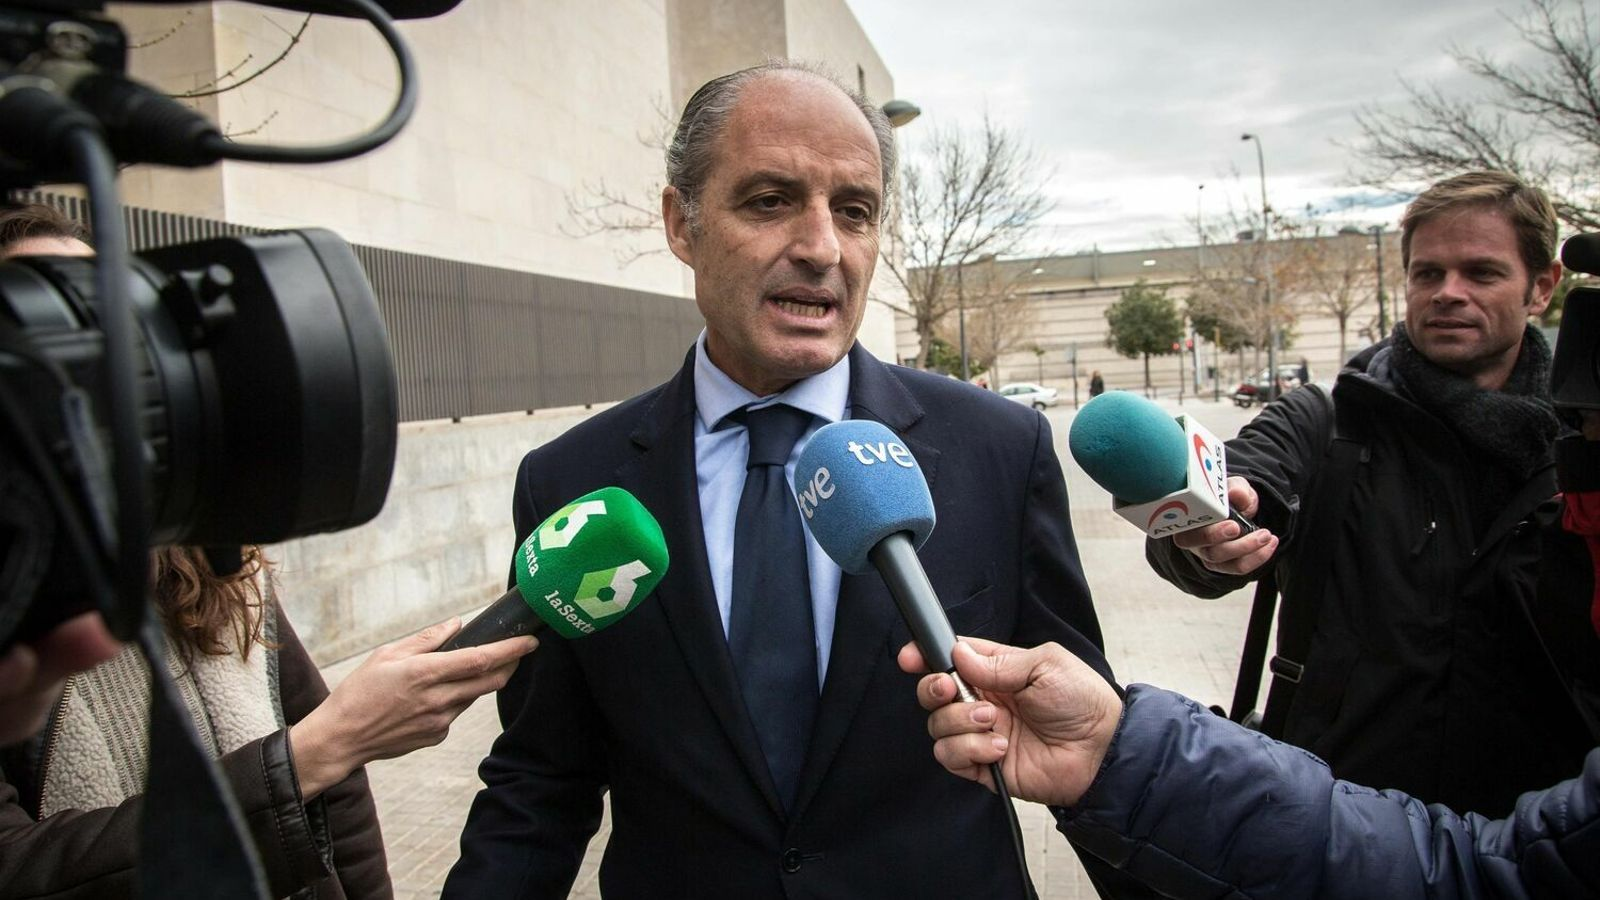 La jutgessa processa l'expresident Camps en la causa per la construcció del circuit de F1 a València